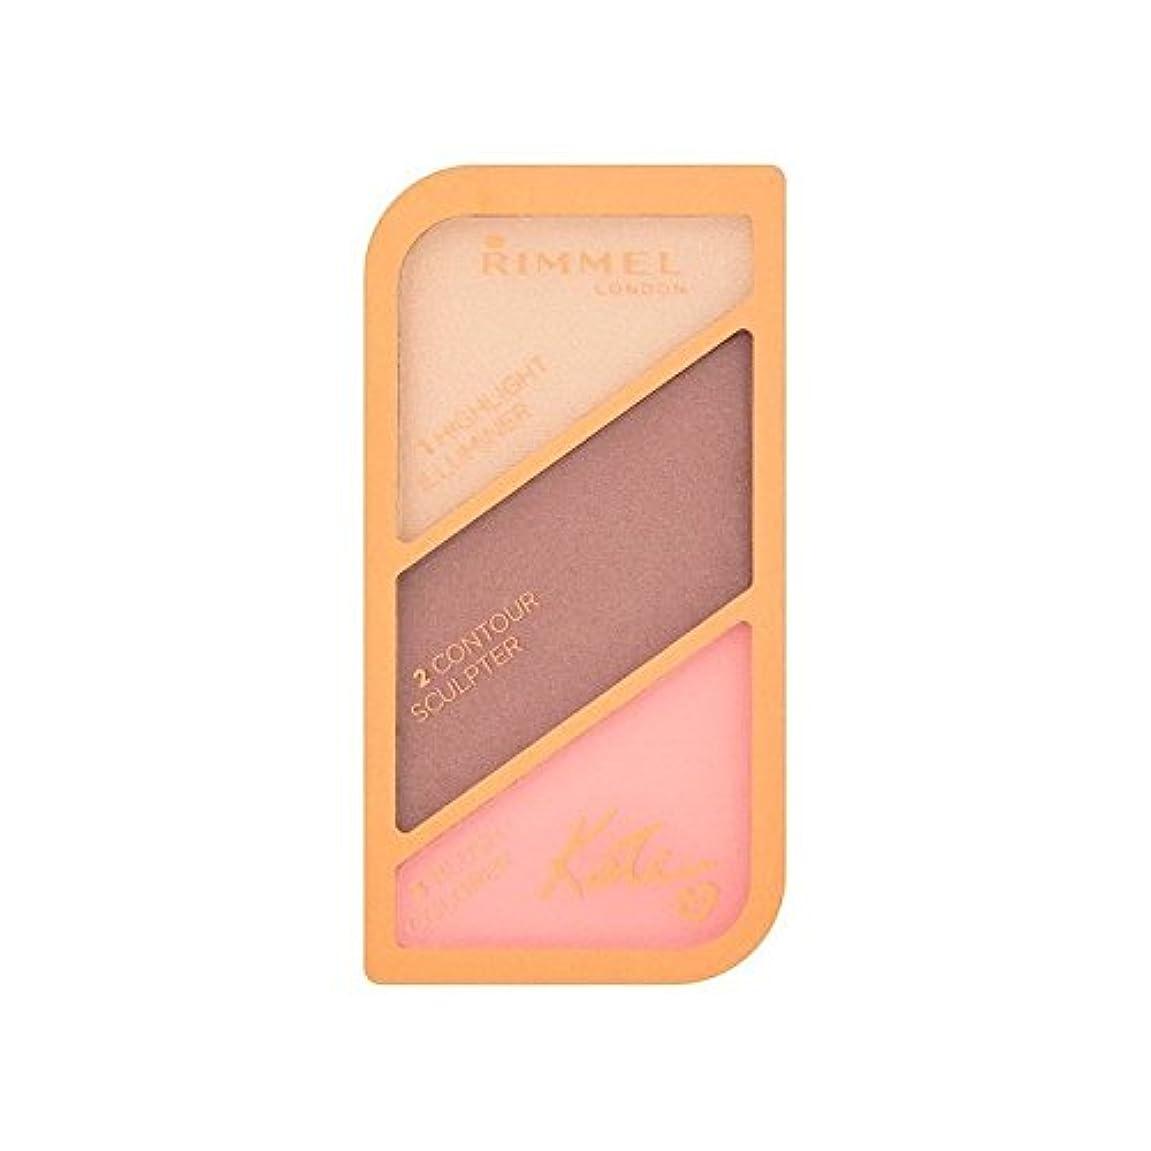 確認存在濃度リンメルケイト?モスの彫刻パレット黄金のブロンズ003 x2 - Rimmel Kate Moss Sculpting Palette Golden Bronze 003 (Pack of 2) [並行輸入品]